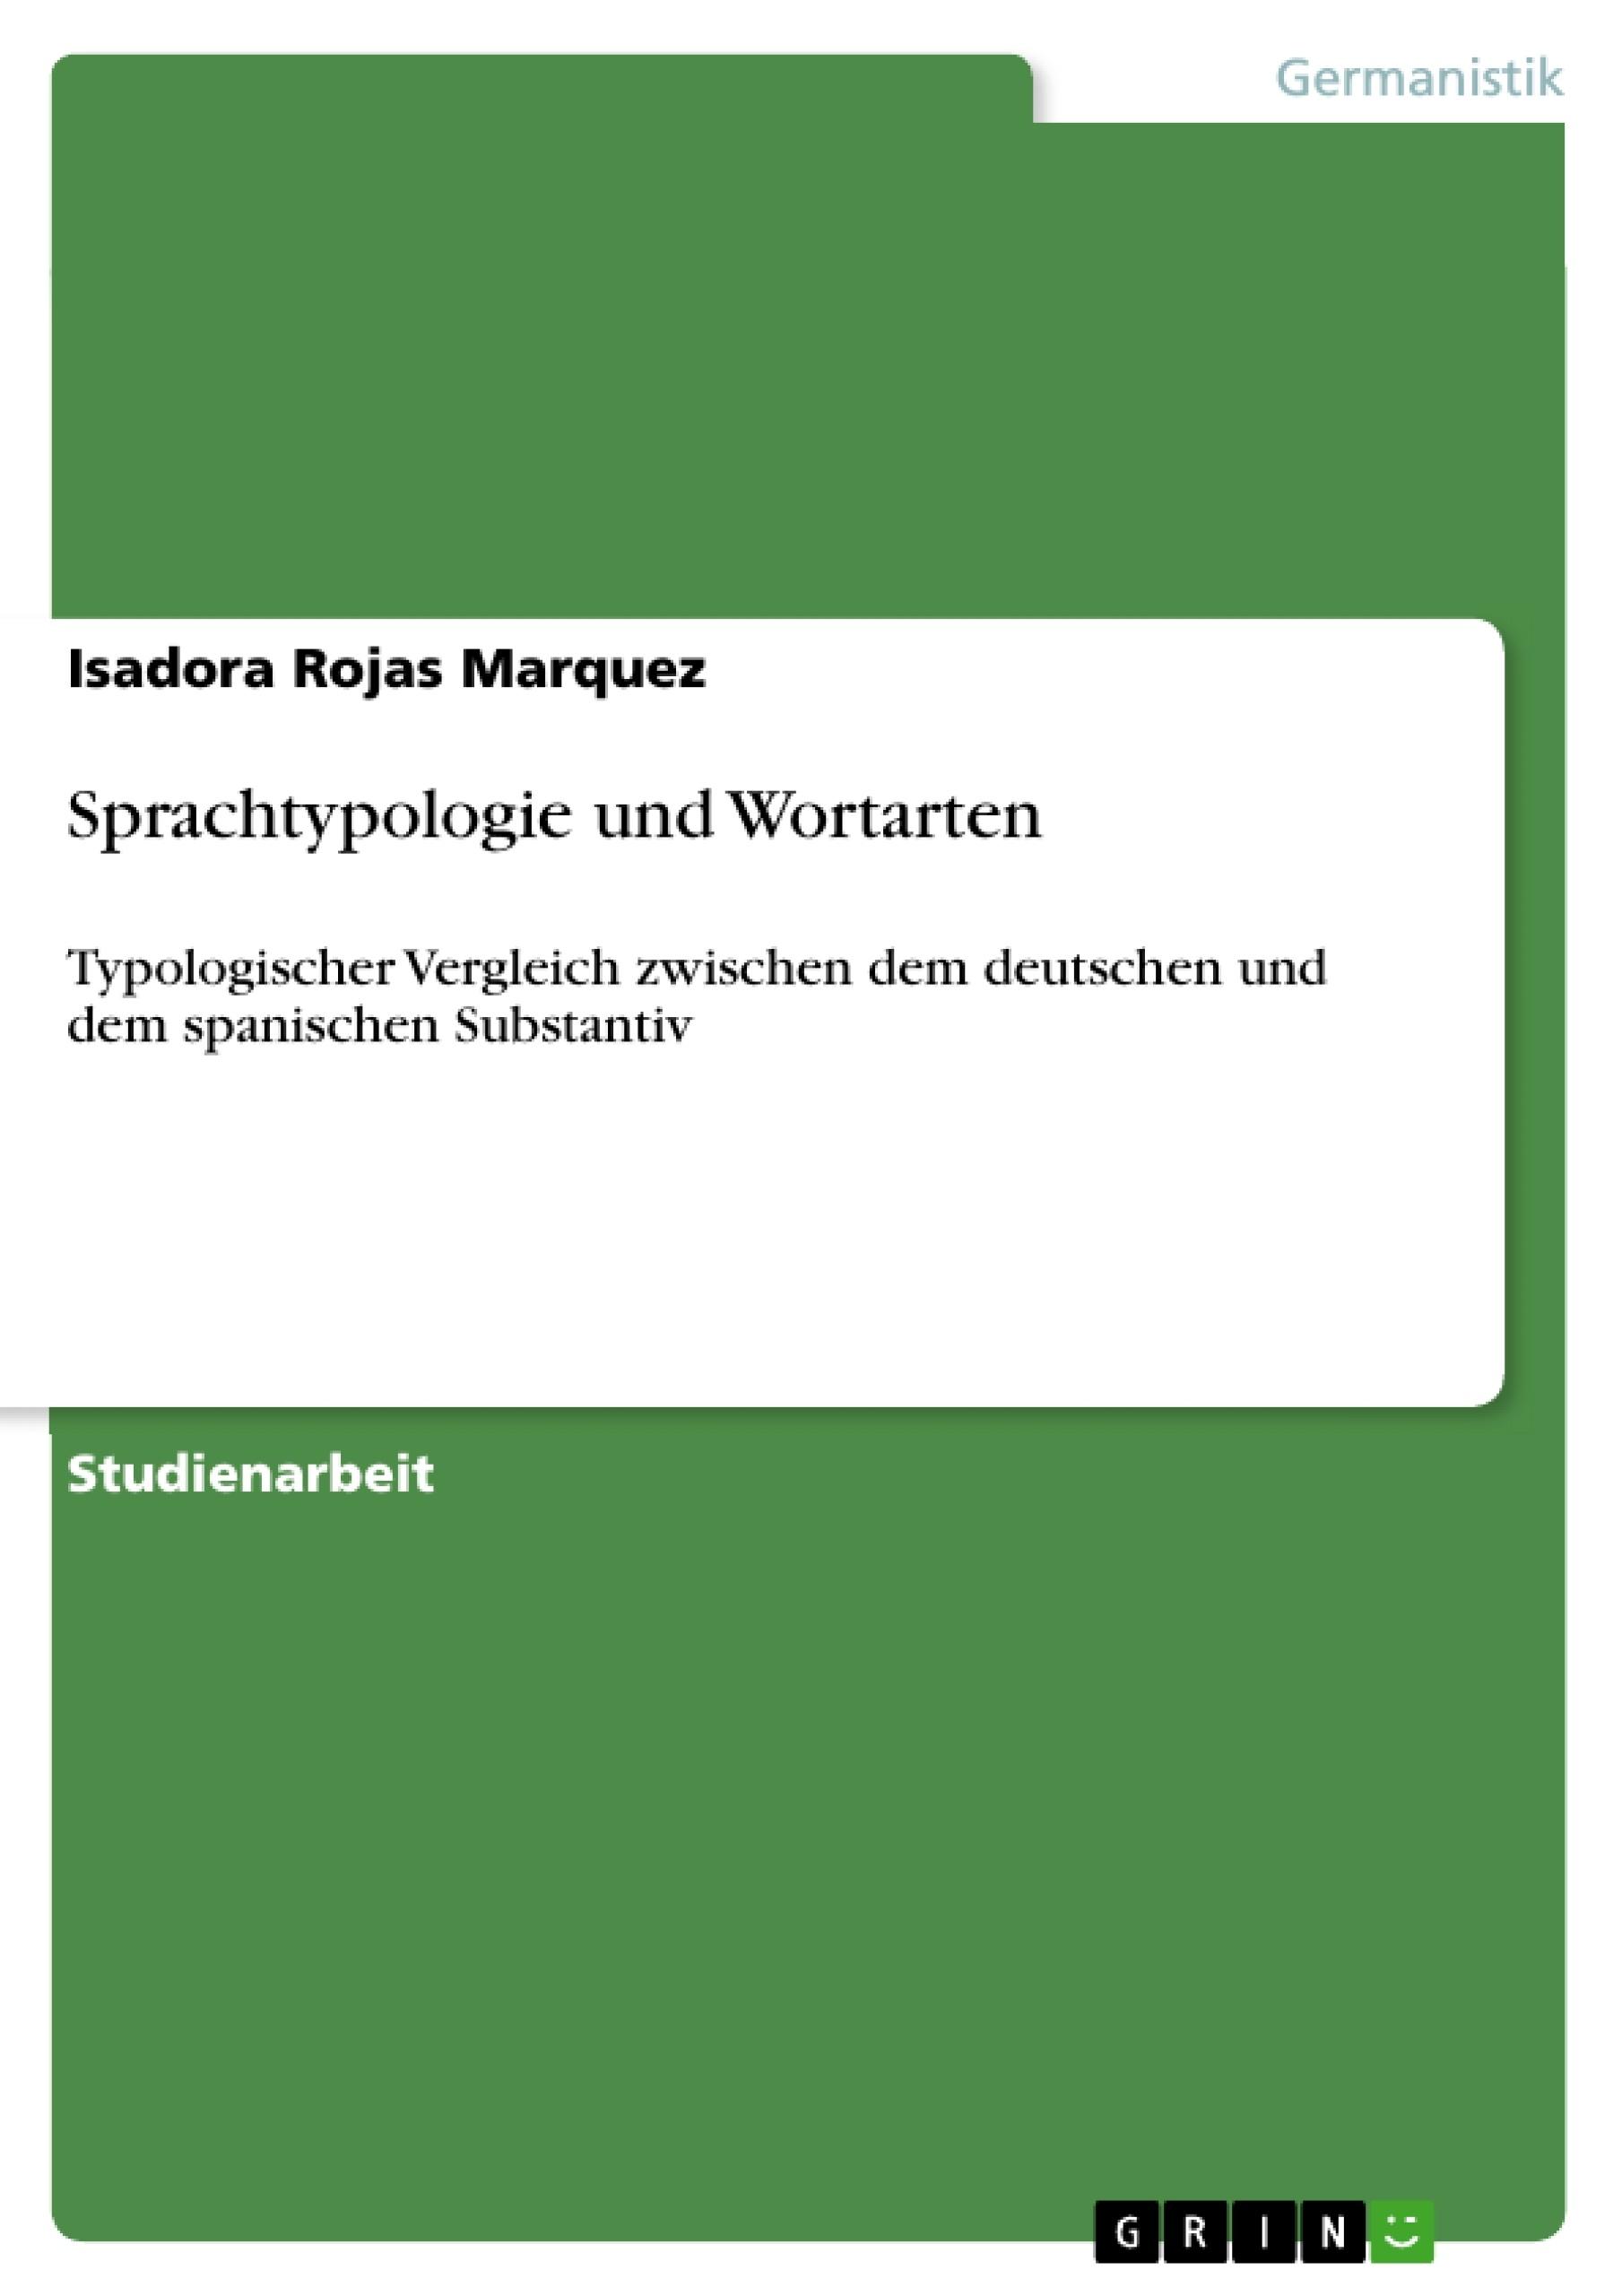 Titel: Sprachtypologie und Wortarten